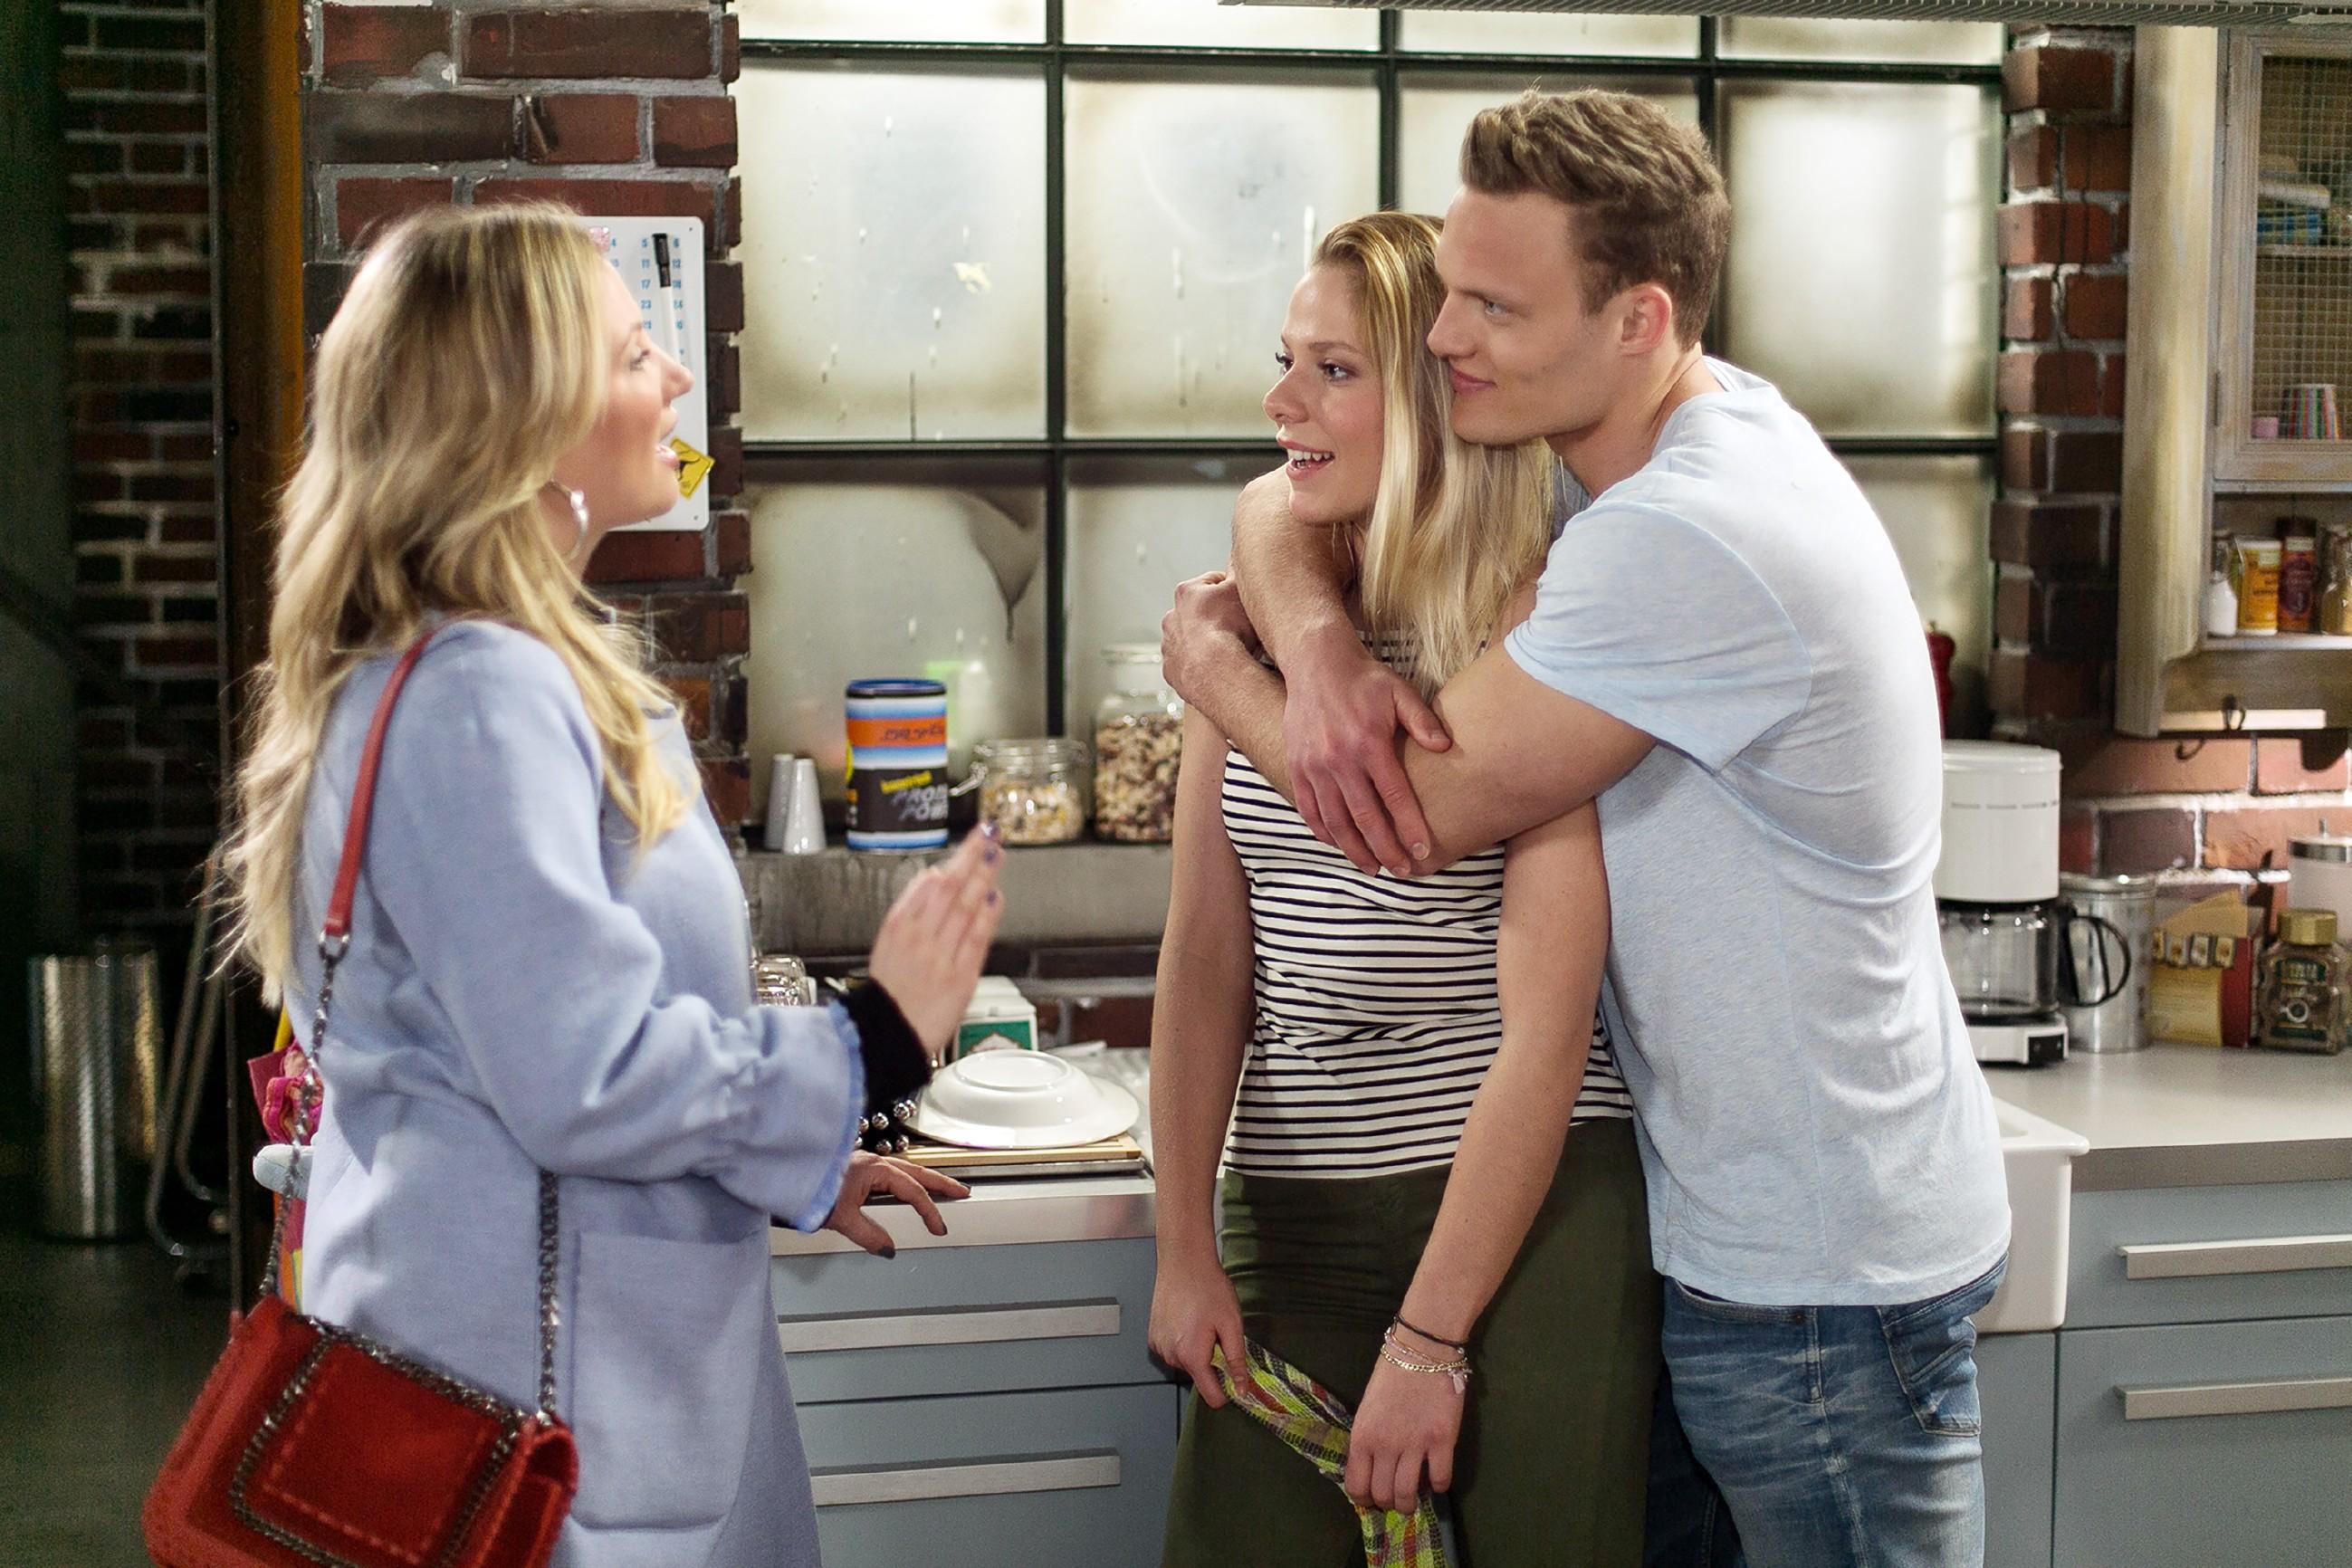 Während Isabelle (Ania Niedieck, l.) verlangt, dass Tim (Robert Maaser) zum Training erscheint, beschließen er und Marie (Cheyenne Pahde), spontan eine Auszeit für die Liebe einzulegen. (Quelle: RTL / Kai Schulz)